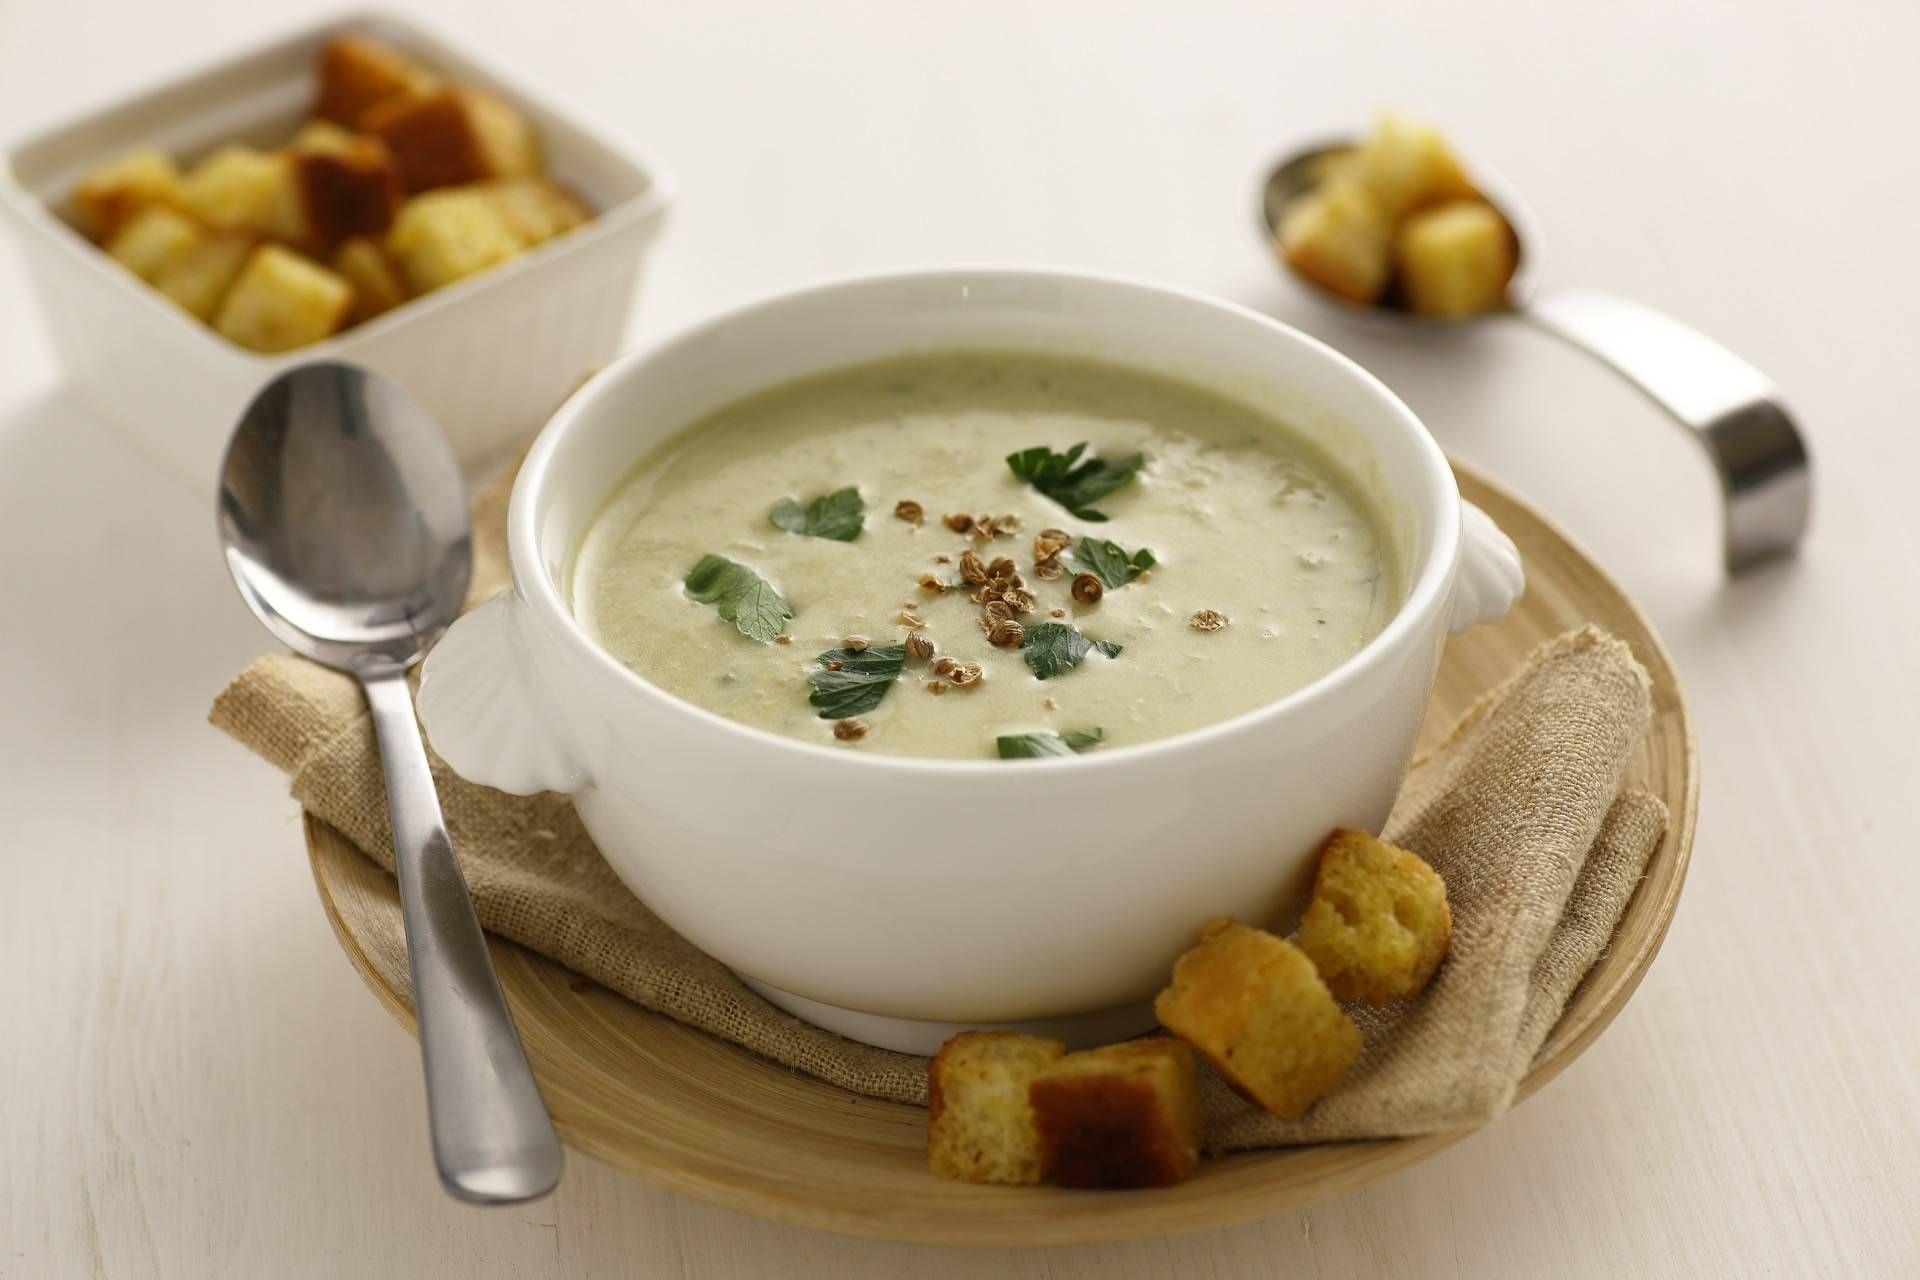 Vellutata di carciofi, porri e patate - Parmalat